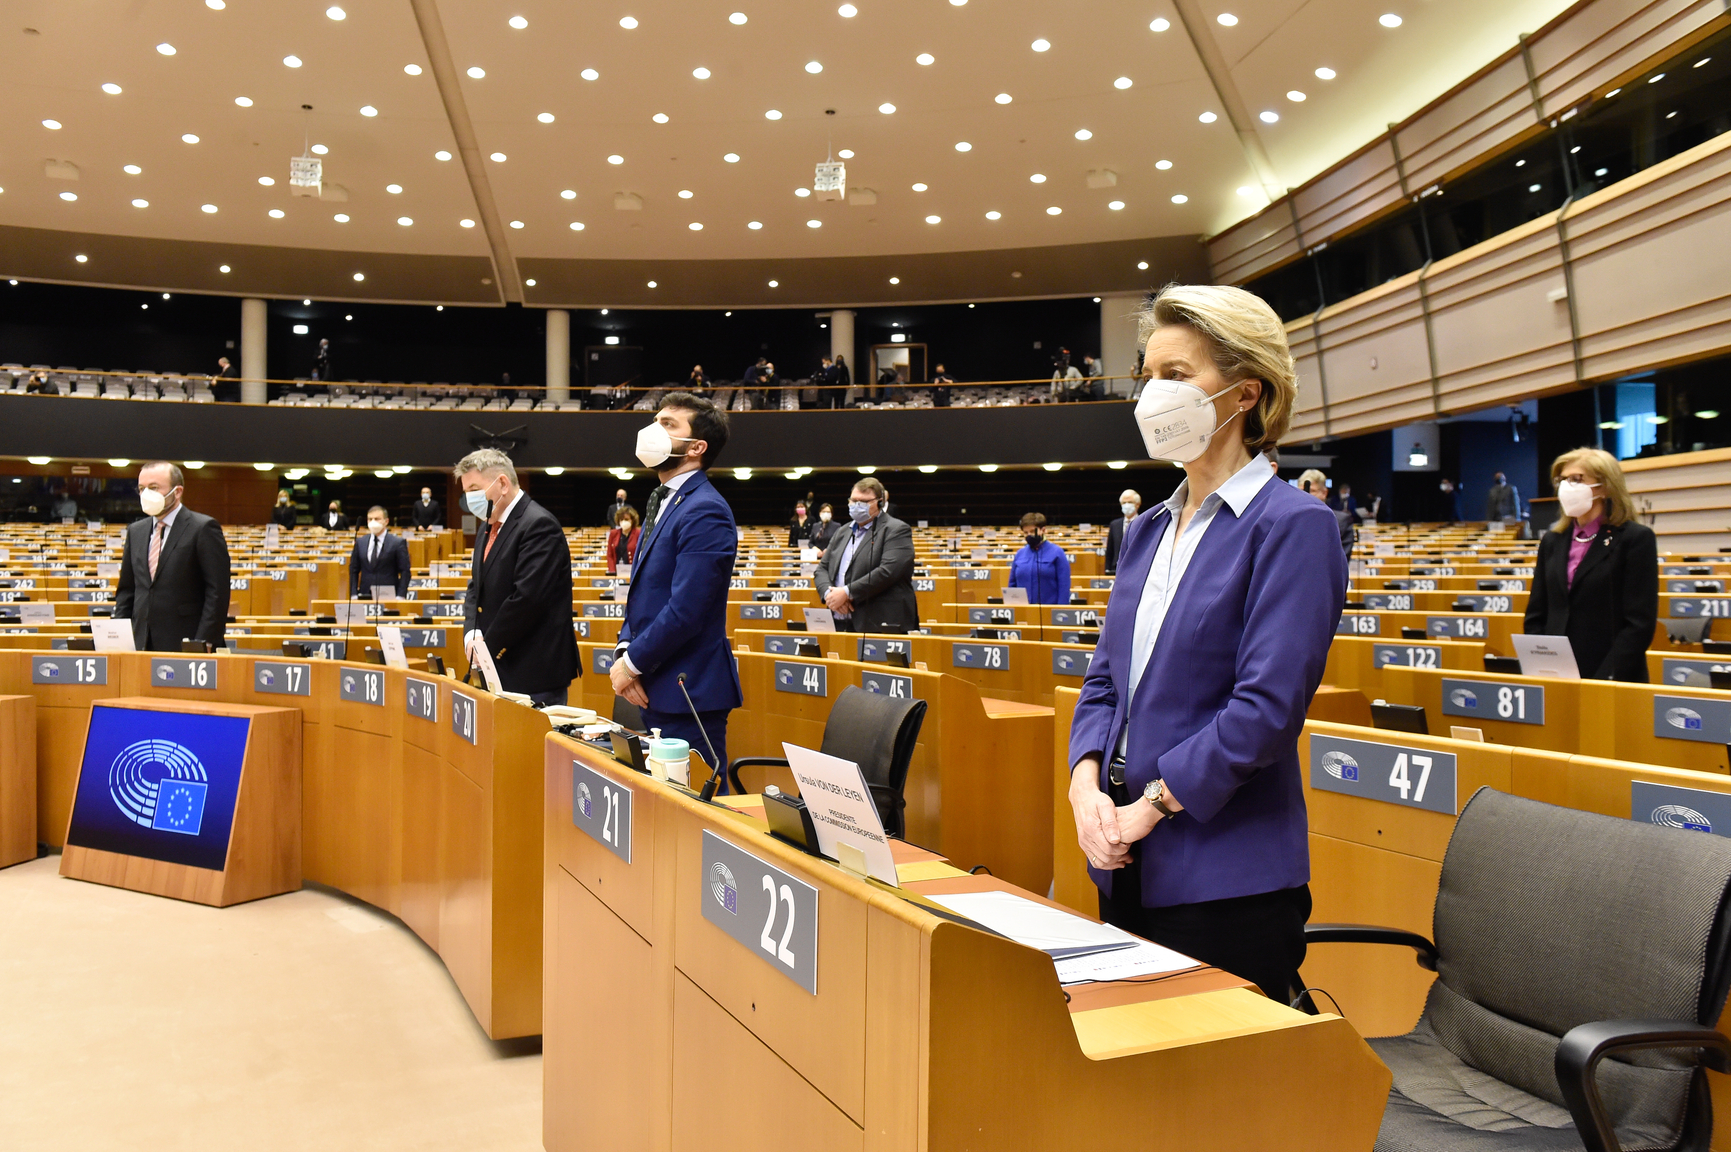 Ważna decyzja europosłów – zaświadczenia, licencje i inne dokumenty zachowają ważność przez 10 miesięcy